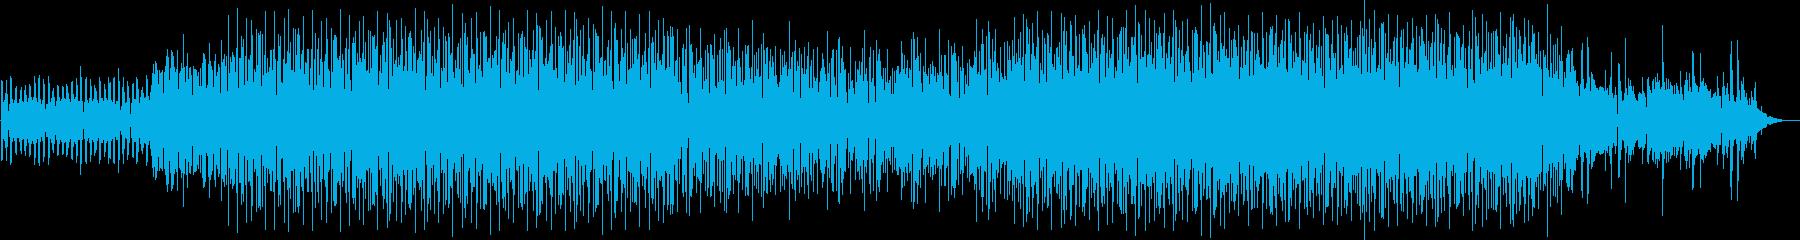 ドライブ感と広がりのあるテクノの再生済みの波形